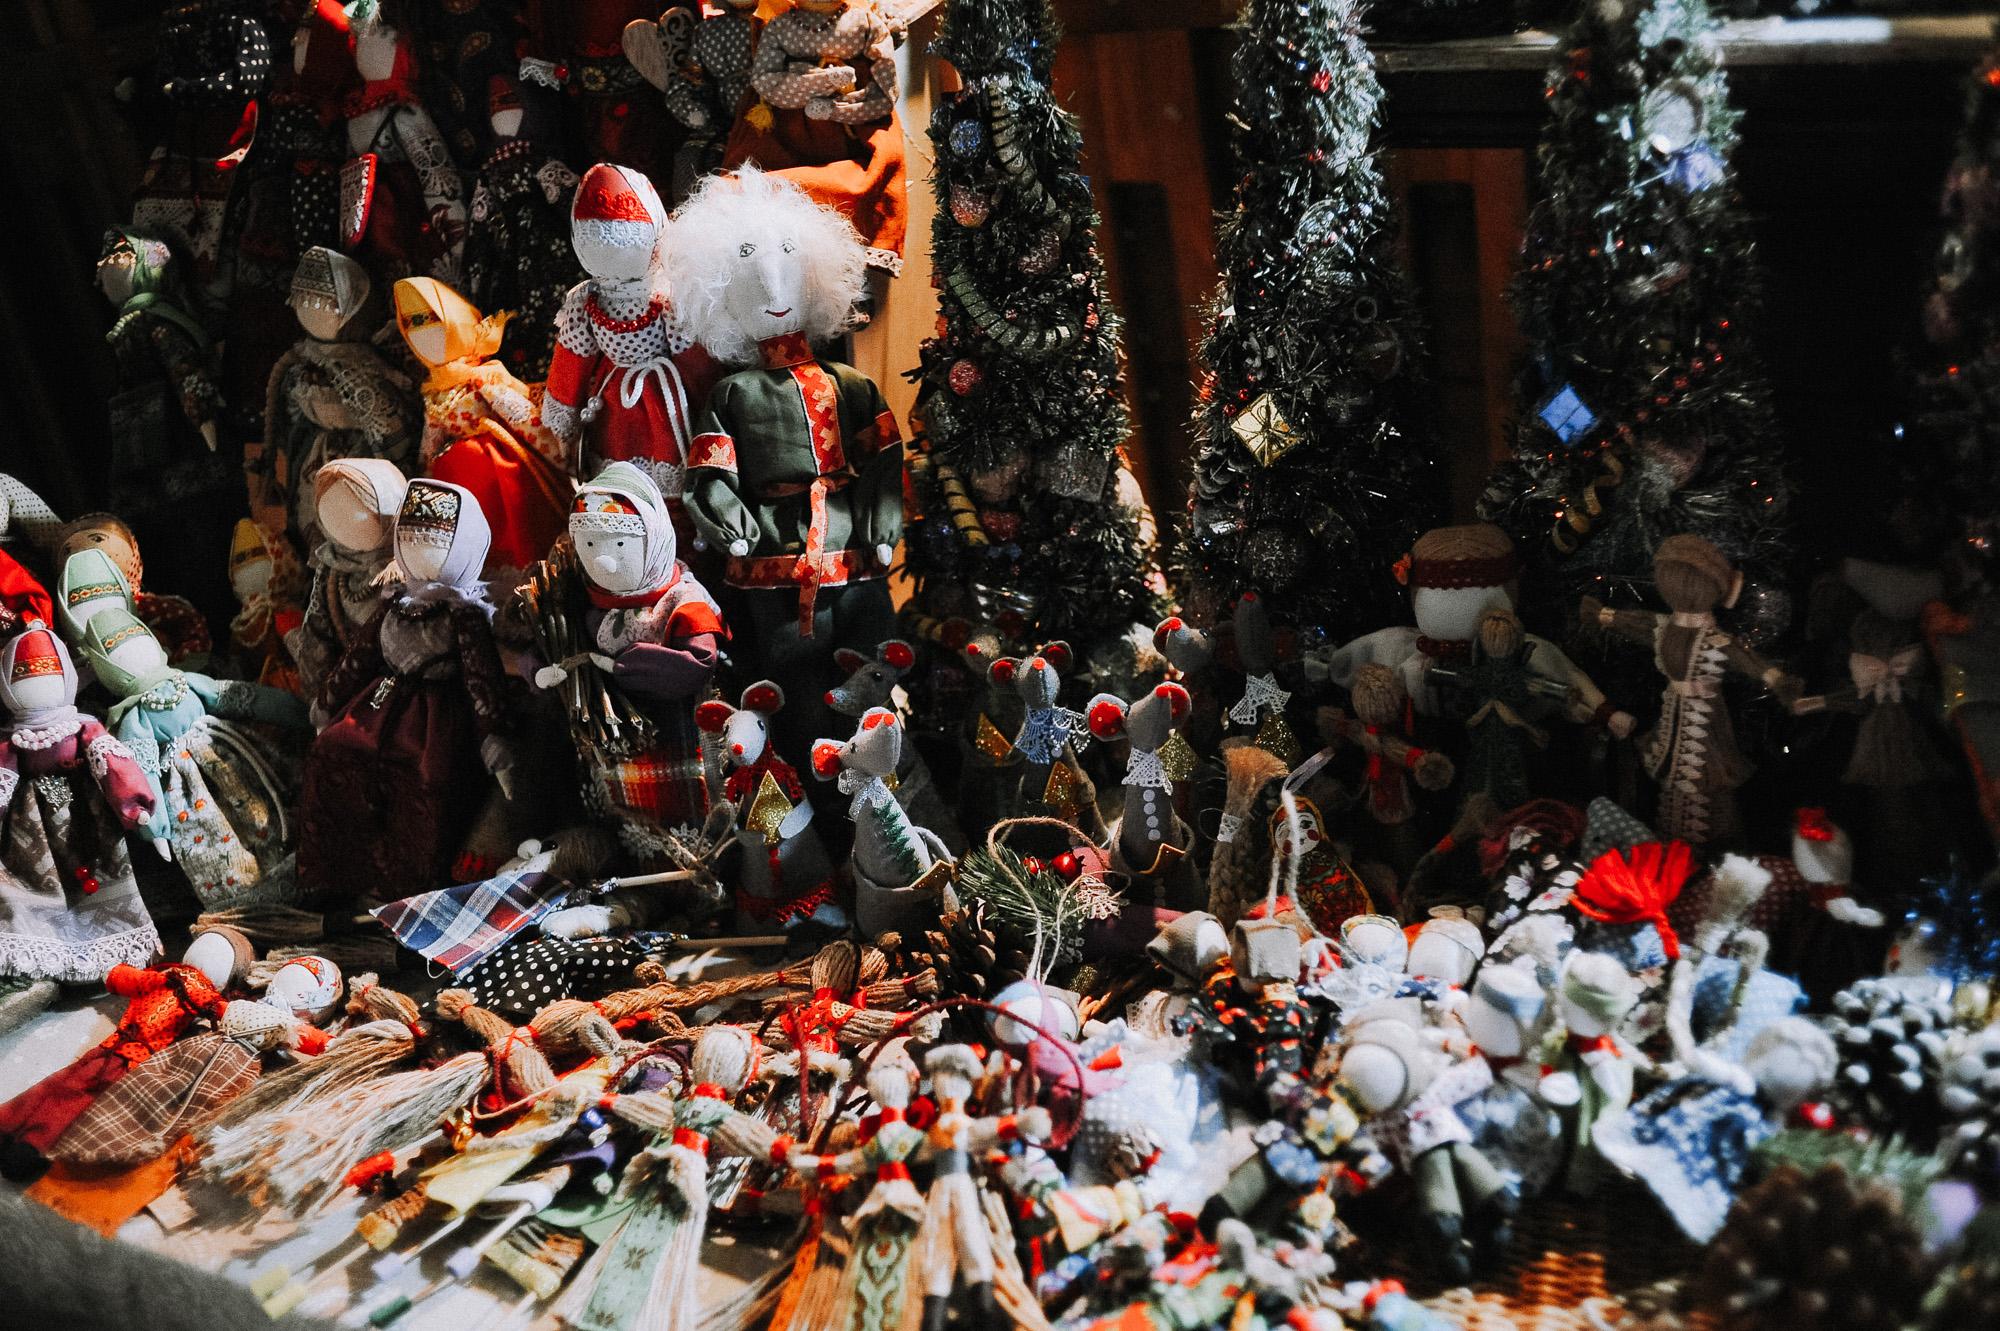 ZZZ 6858 В Астрахани на площади Ленина зажгли новогоднюю елку: кадры торжества